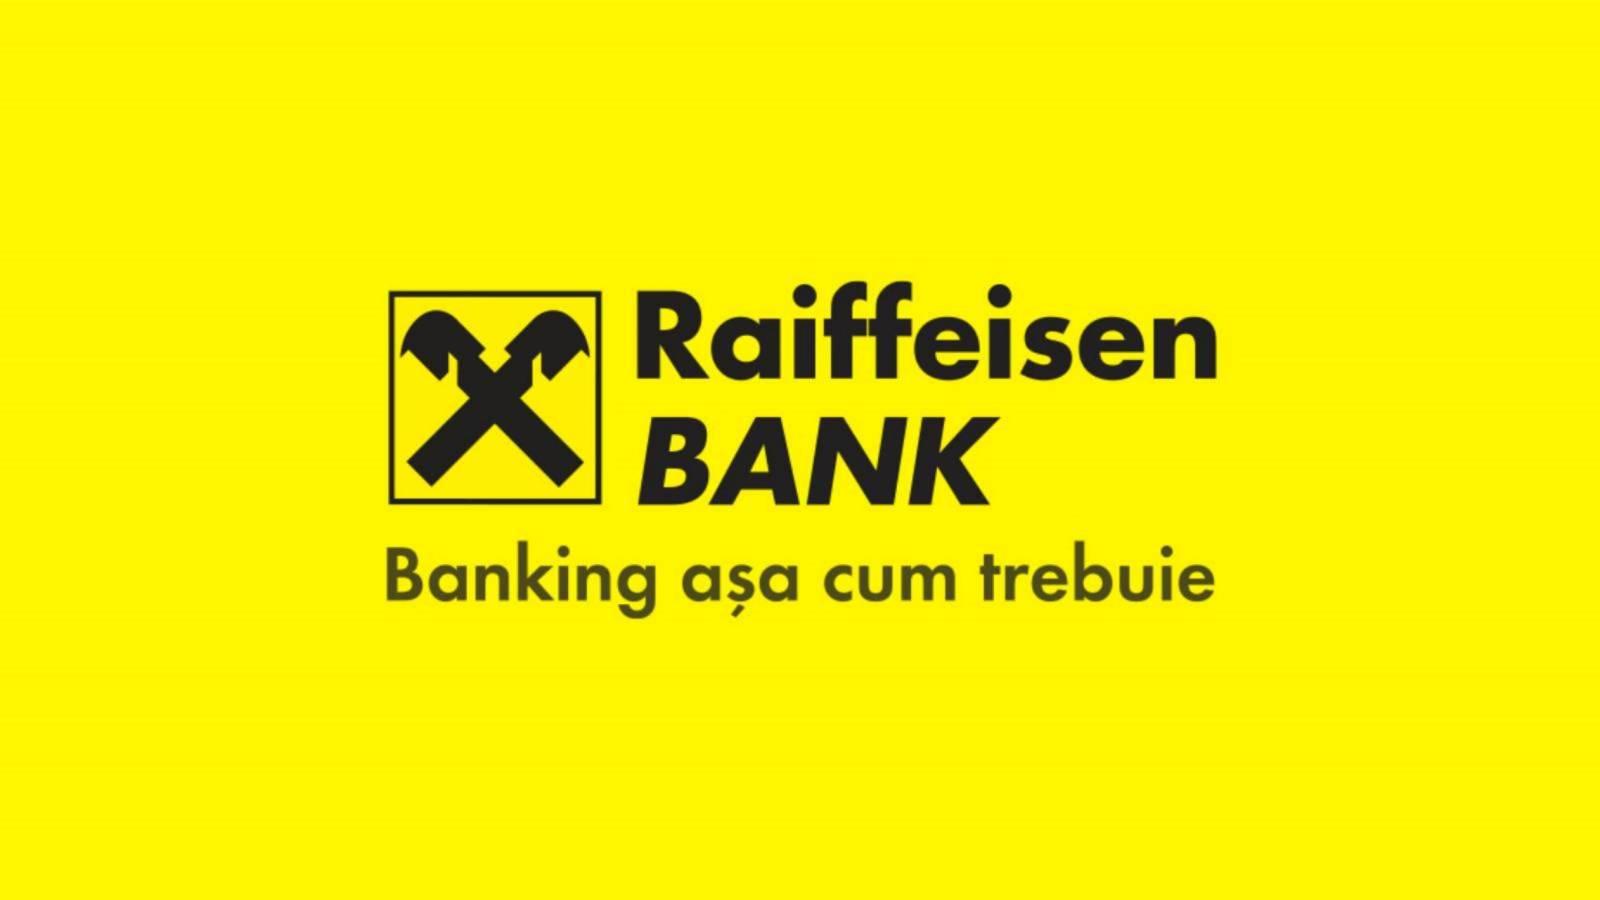 Raiffeisen Bank iures